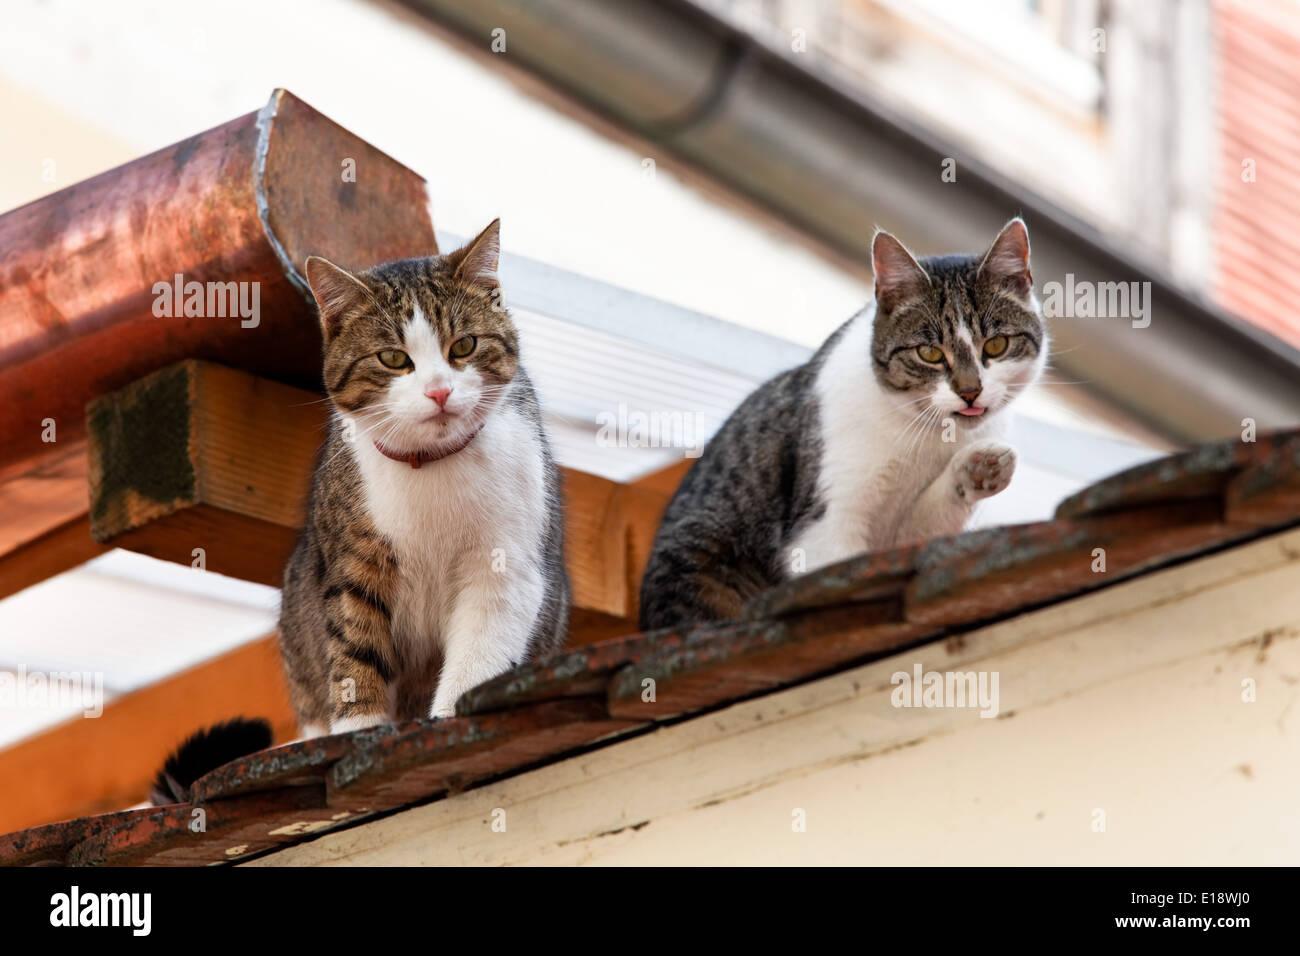 Fantastisch Eins Zwei Von Katze 5 Draht Ideen - Die Besten ...